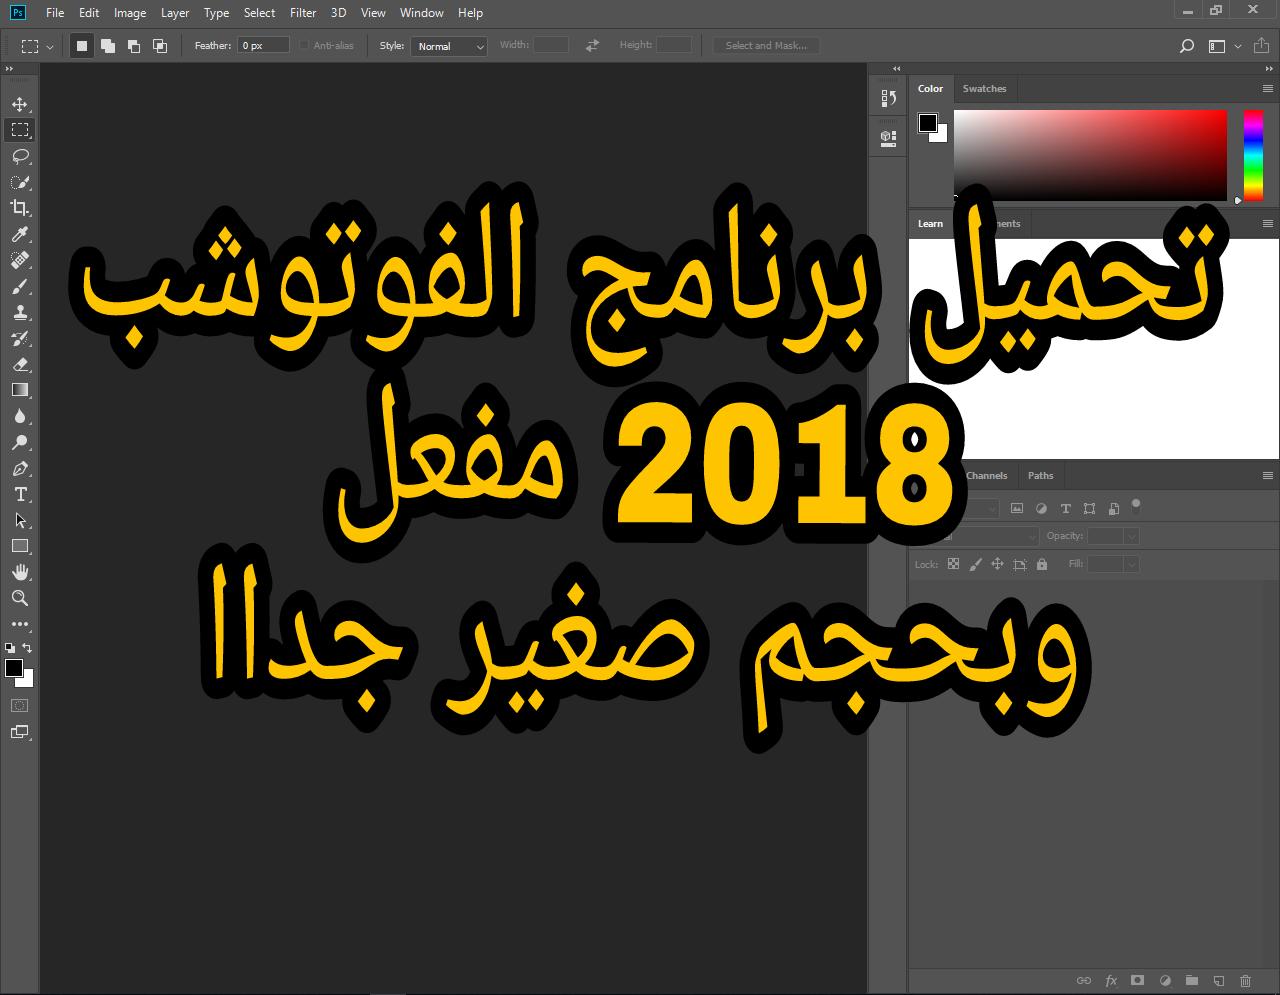 تحميل ويندوز 10 عربي الاصلي مجانا 2018